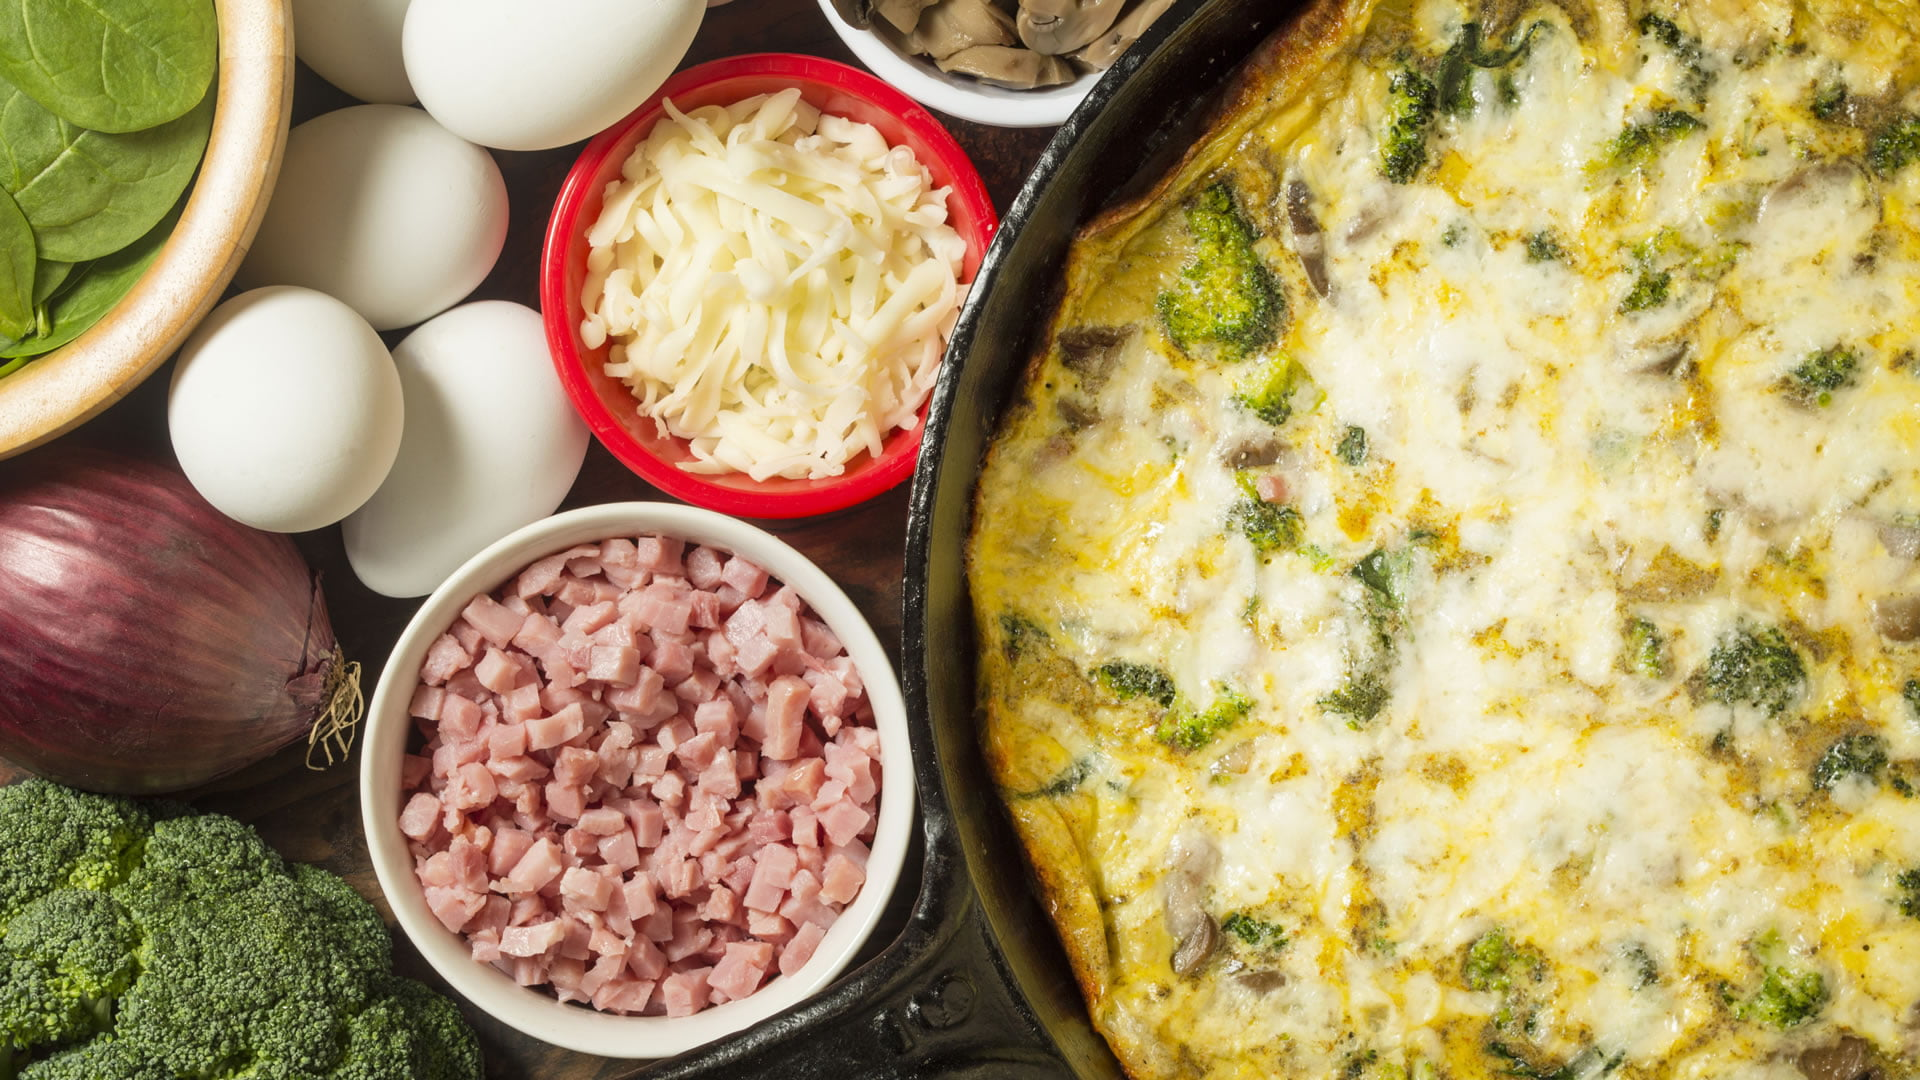 Ingredientes Para Preparar Quiche Lorraine